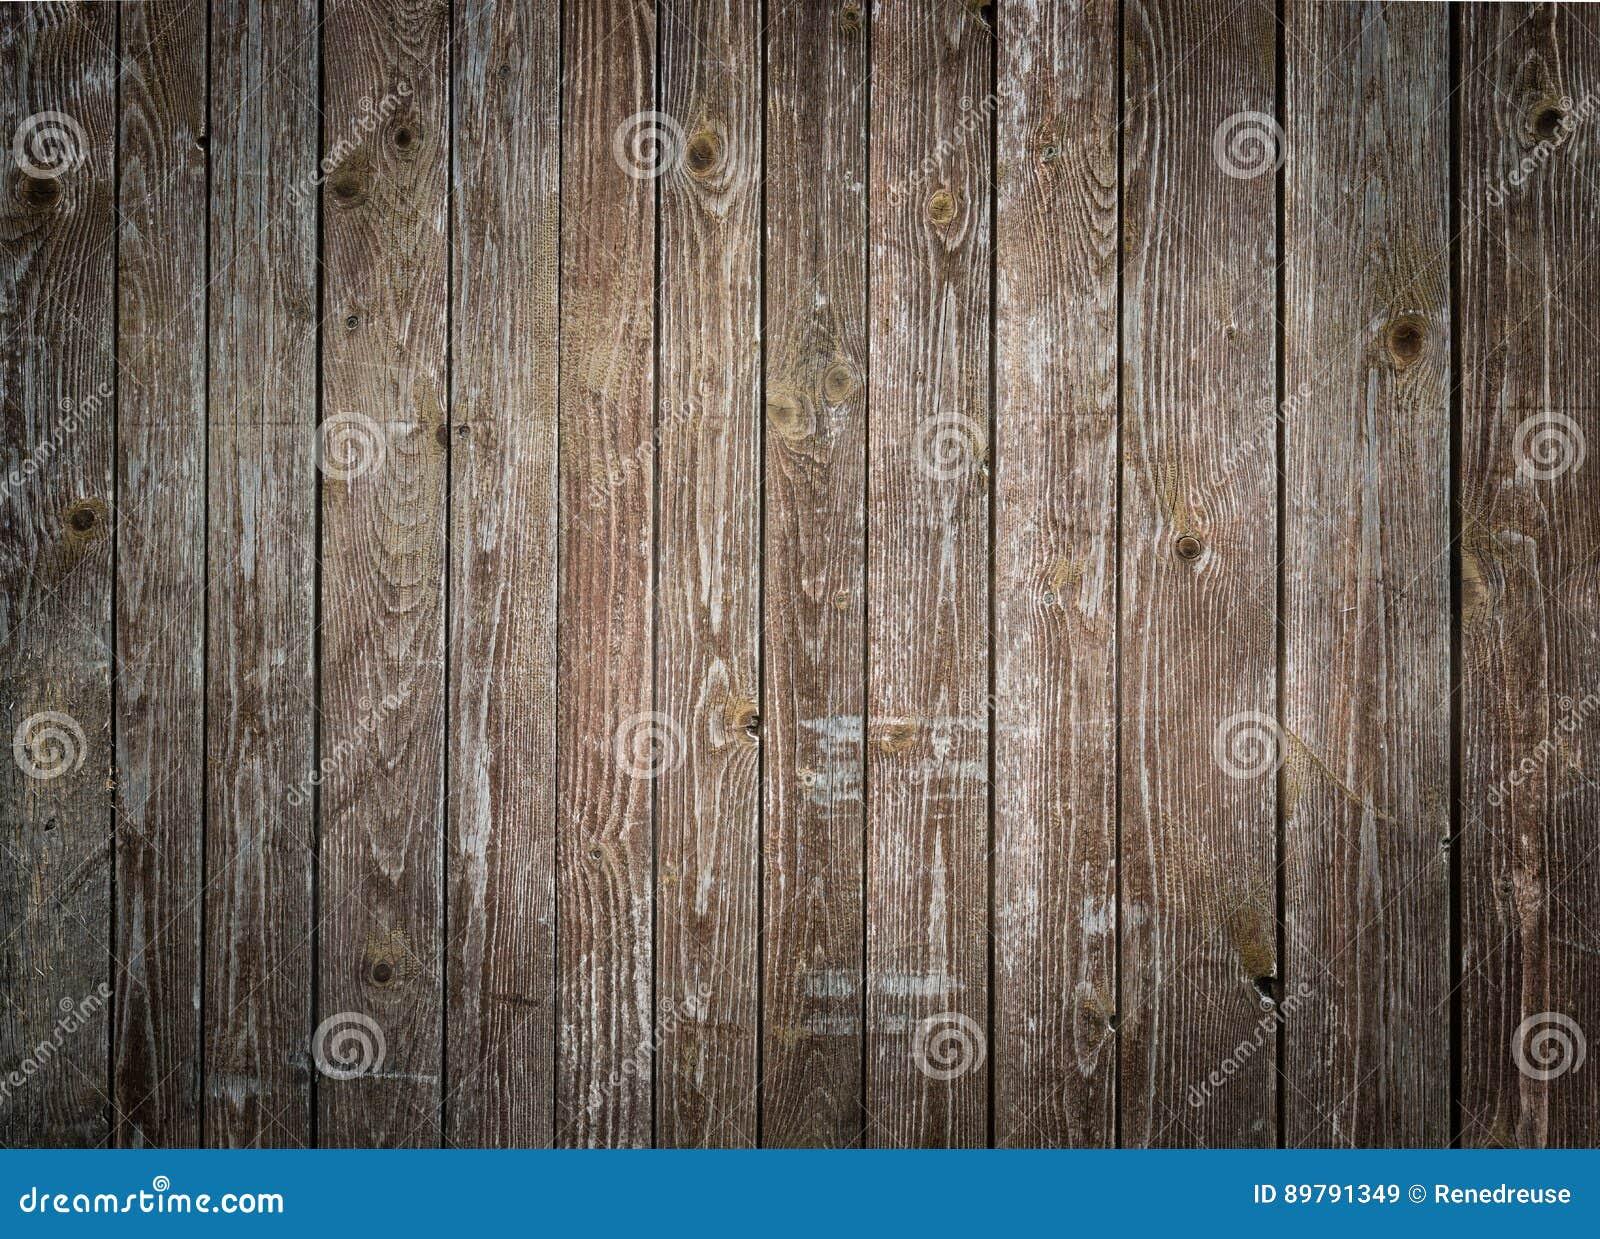 Fundo de madeira rústico das pranchas com vignetting agradável